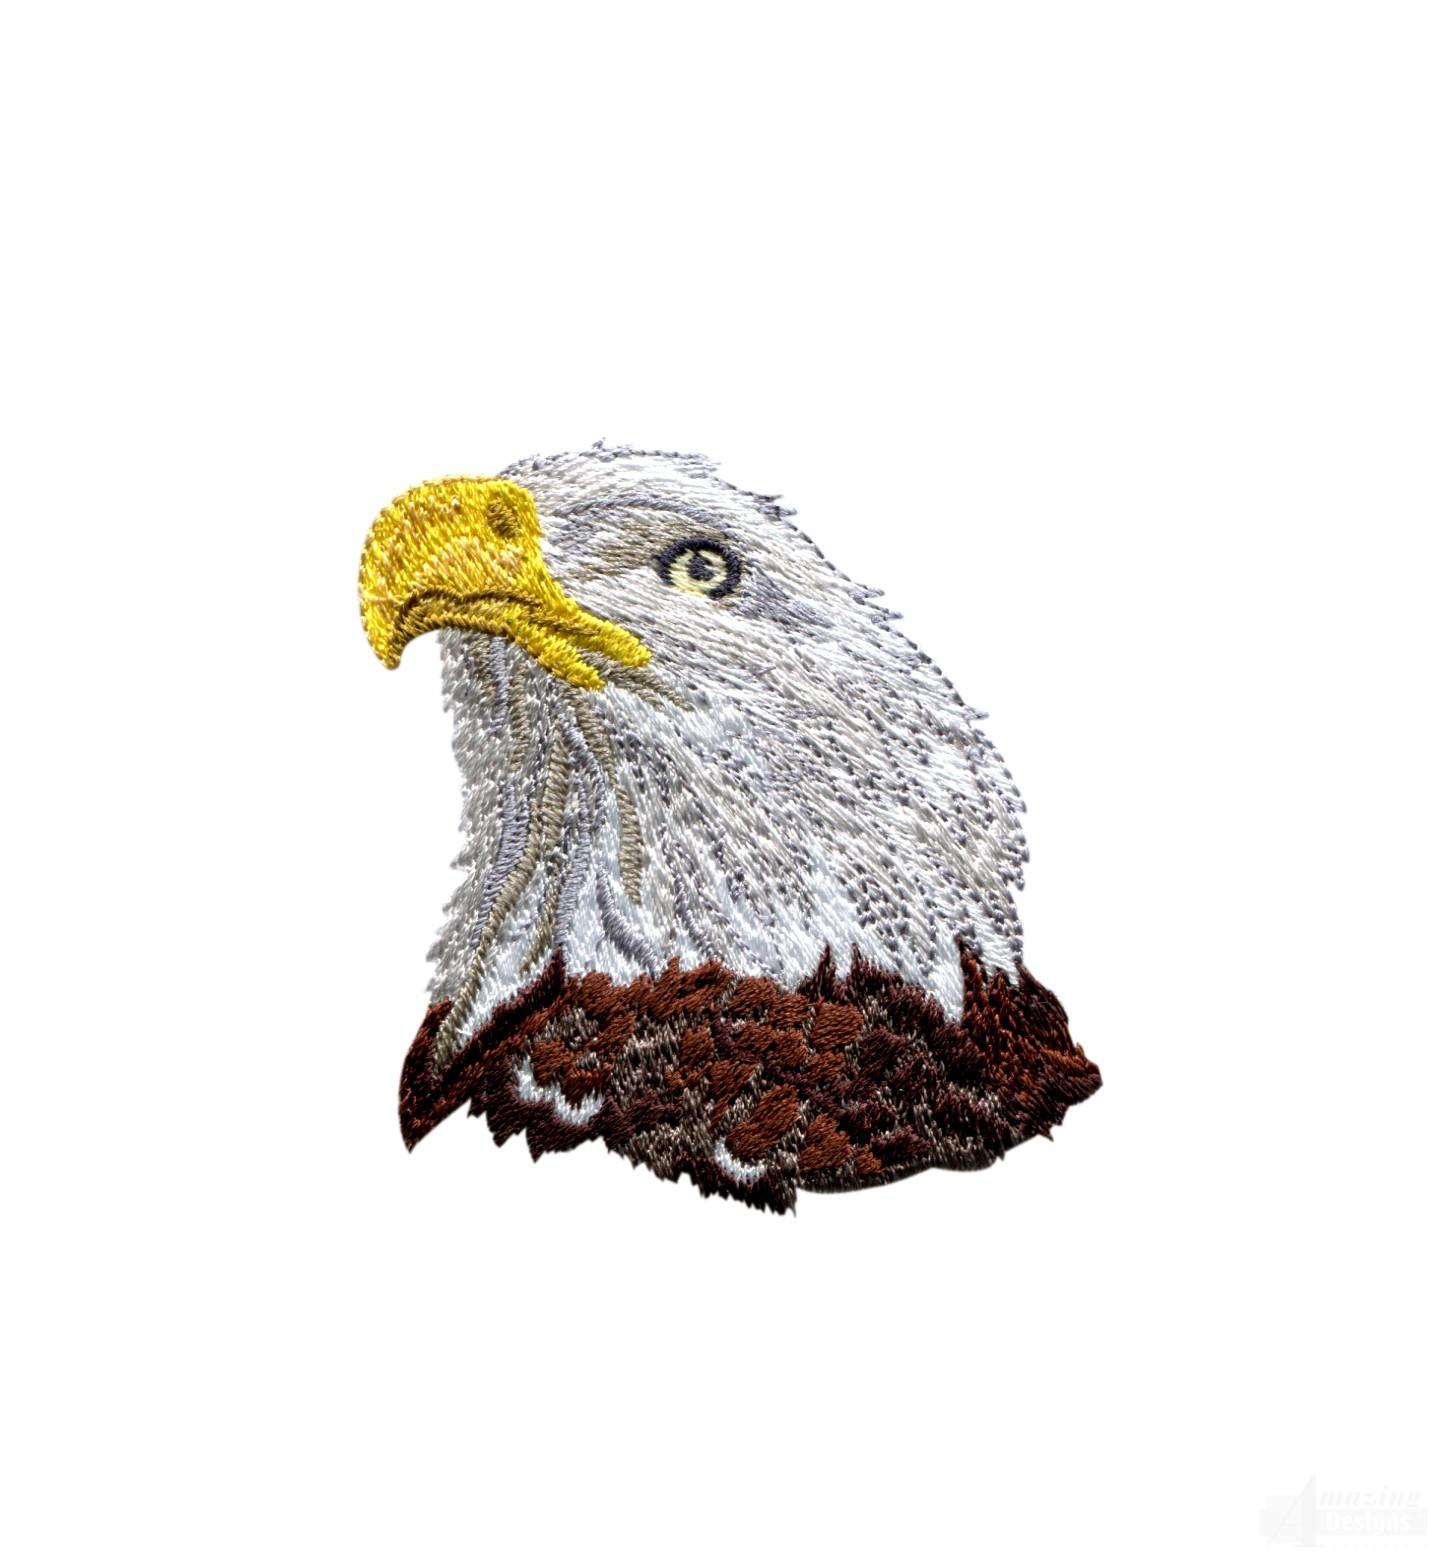 Bald Eagle Head 1 Embroidery Design